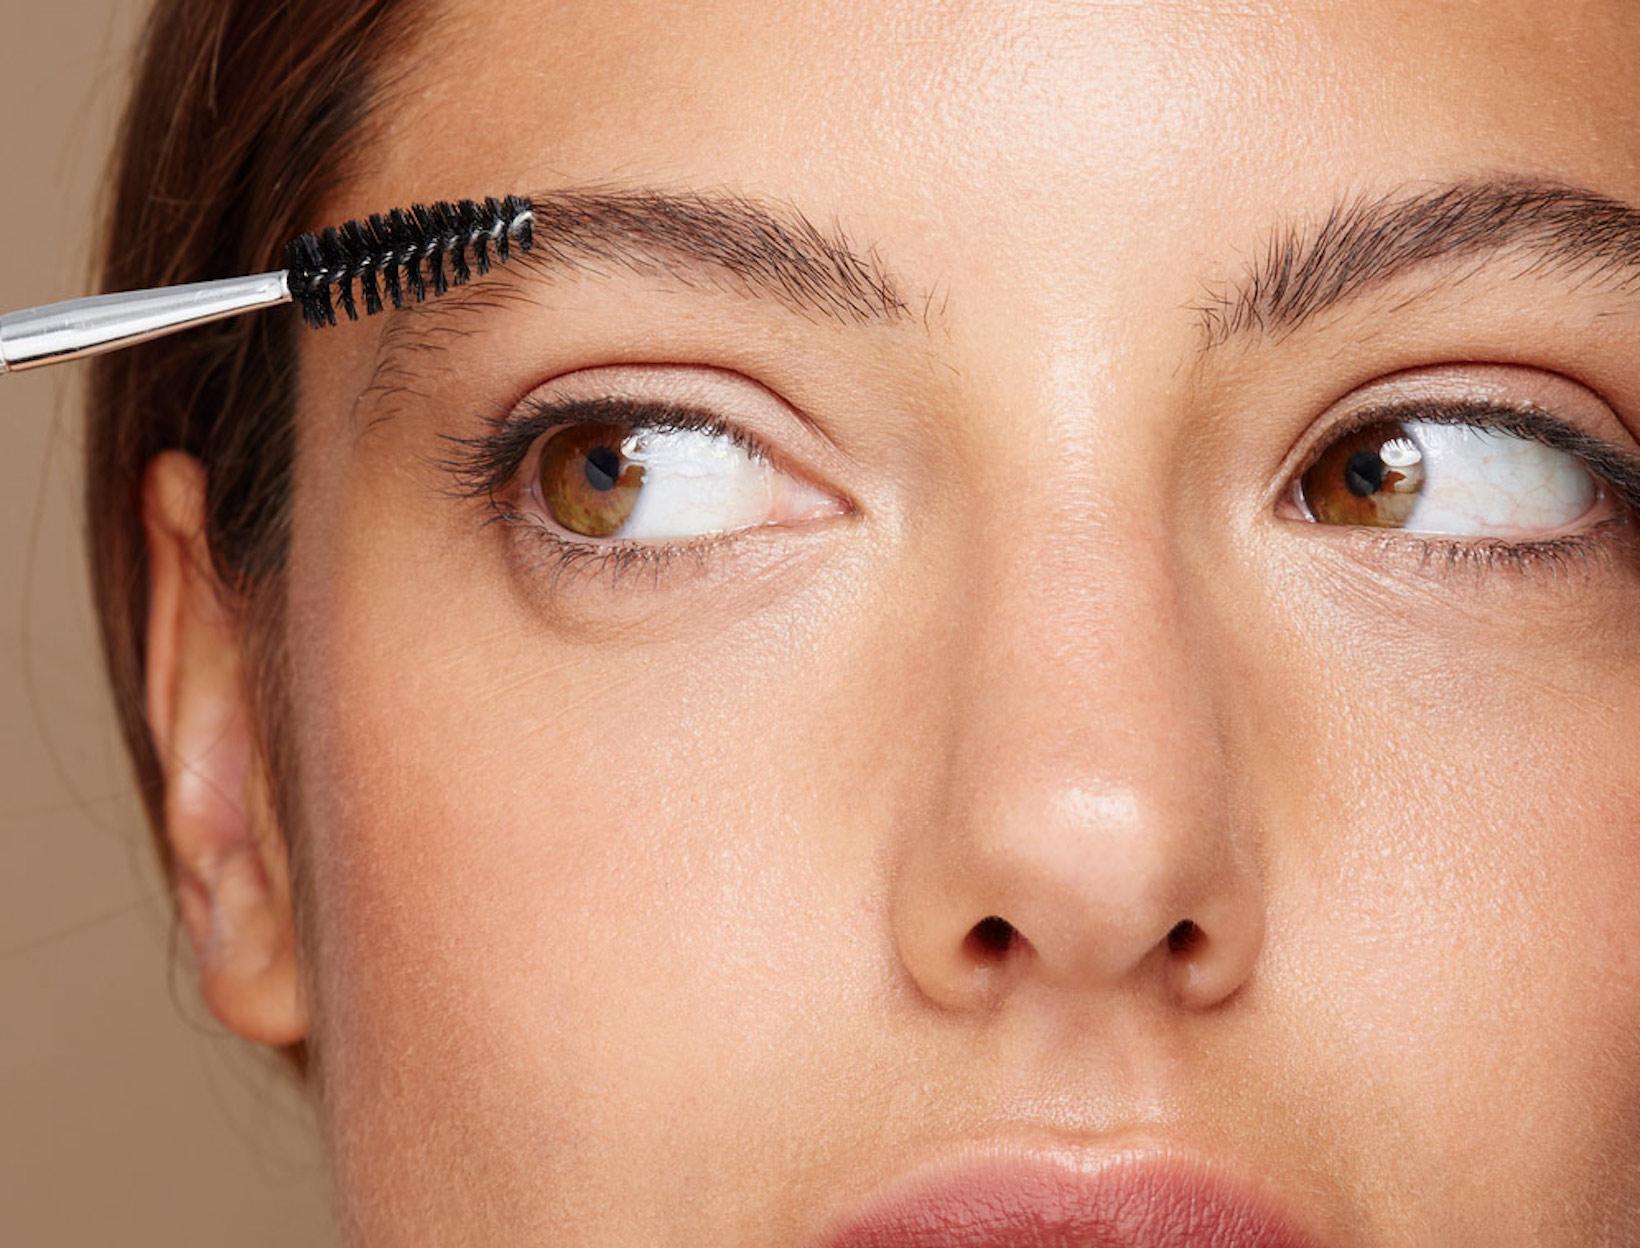 woman grooming her eyebrows